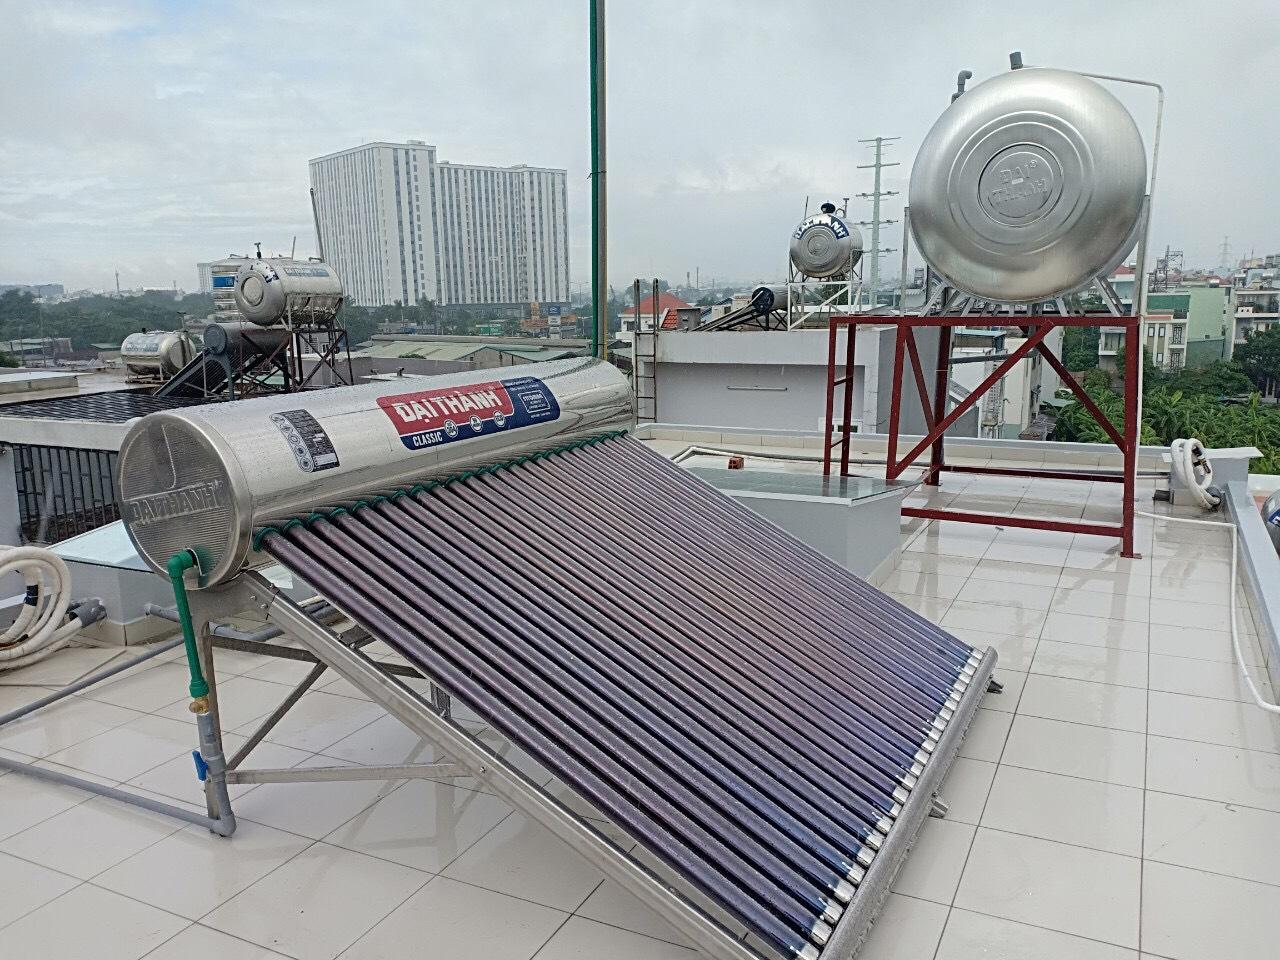 Bộ lọc nước tổng đầu nguồn | Bồn nước | Bồn nhựa | Máy năng lượng mặt trời | Bồn inox | Bể phốt tự hoại - Kênh dự án Tân Á Đại Thành